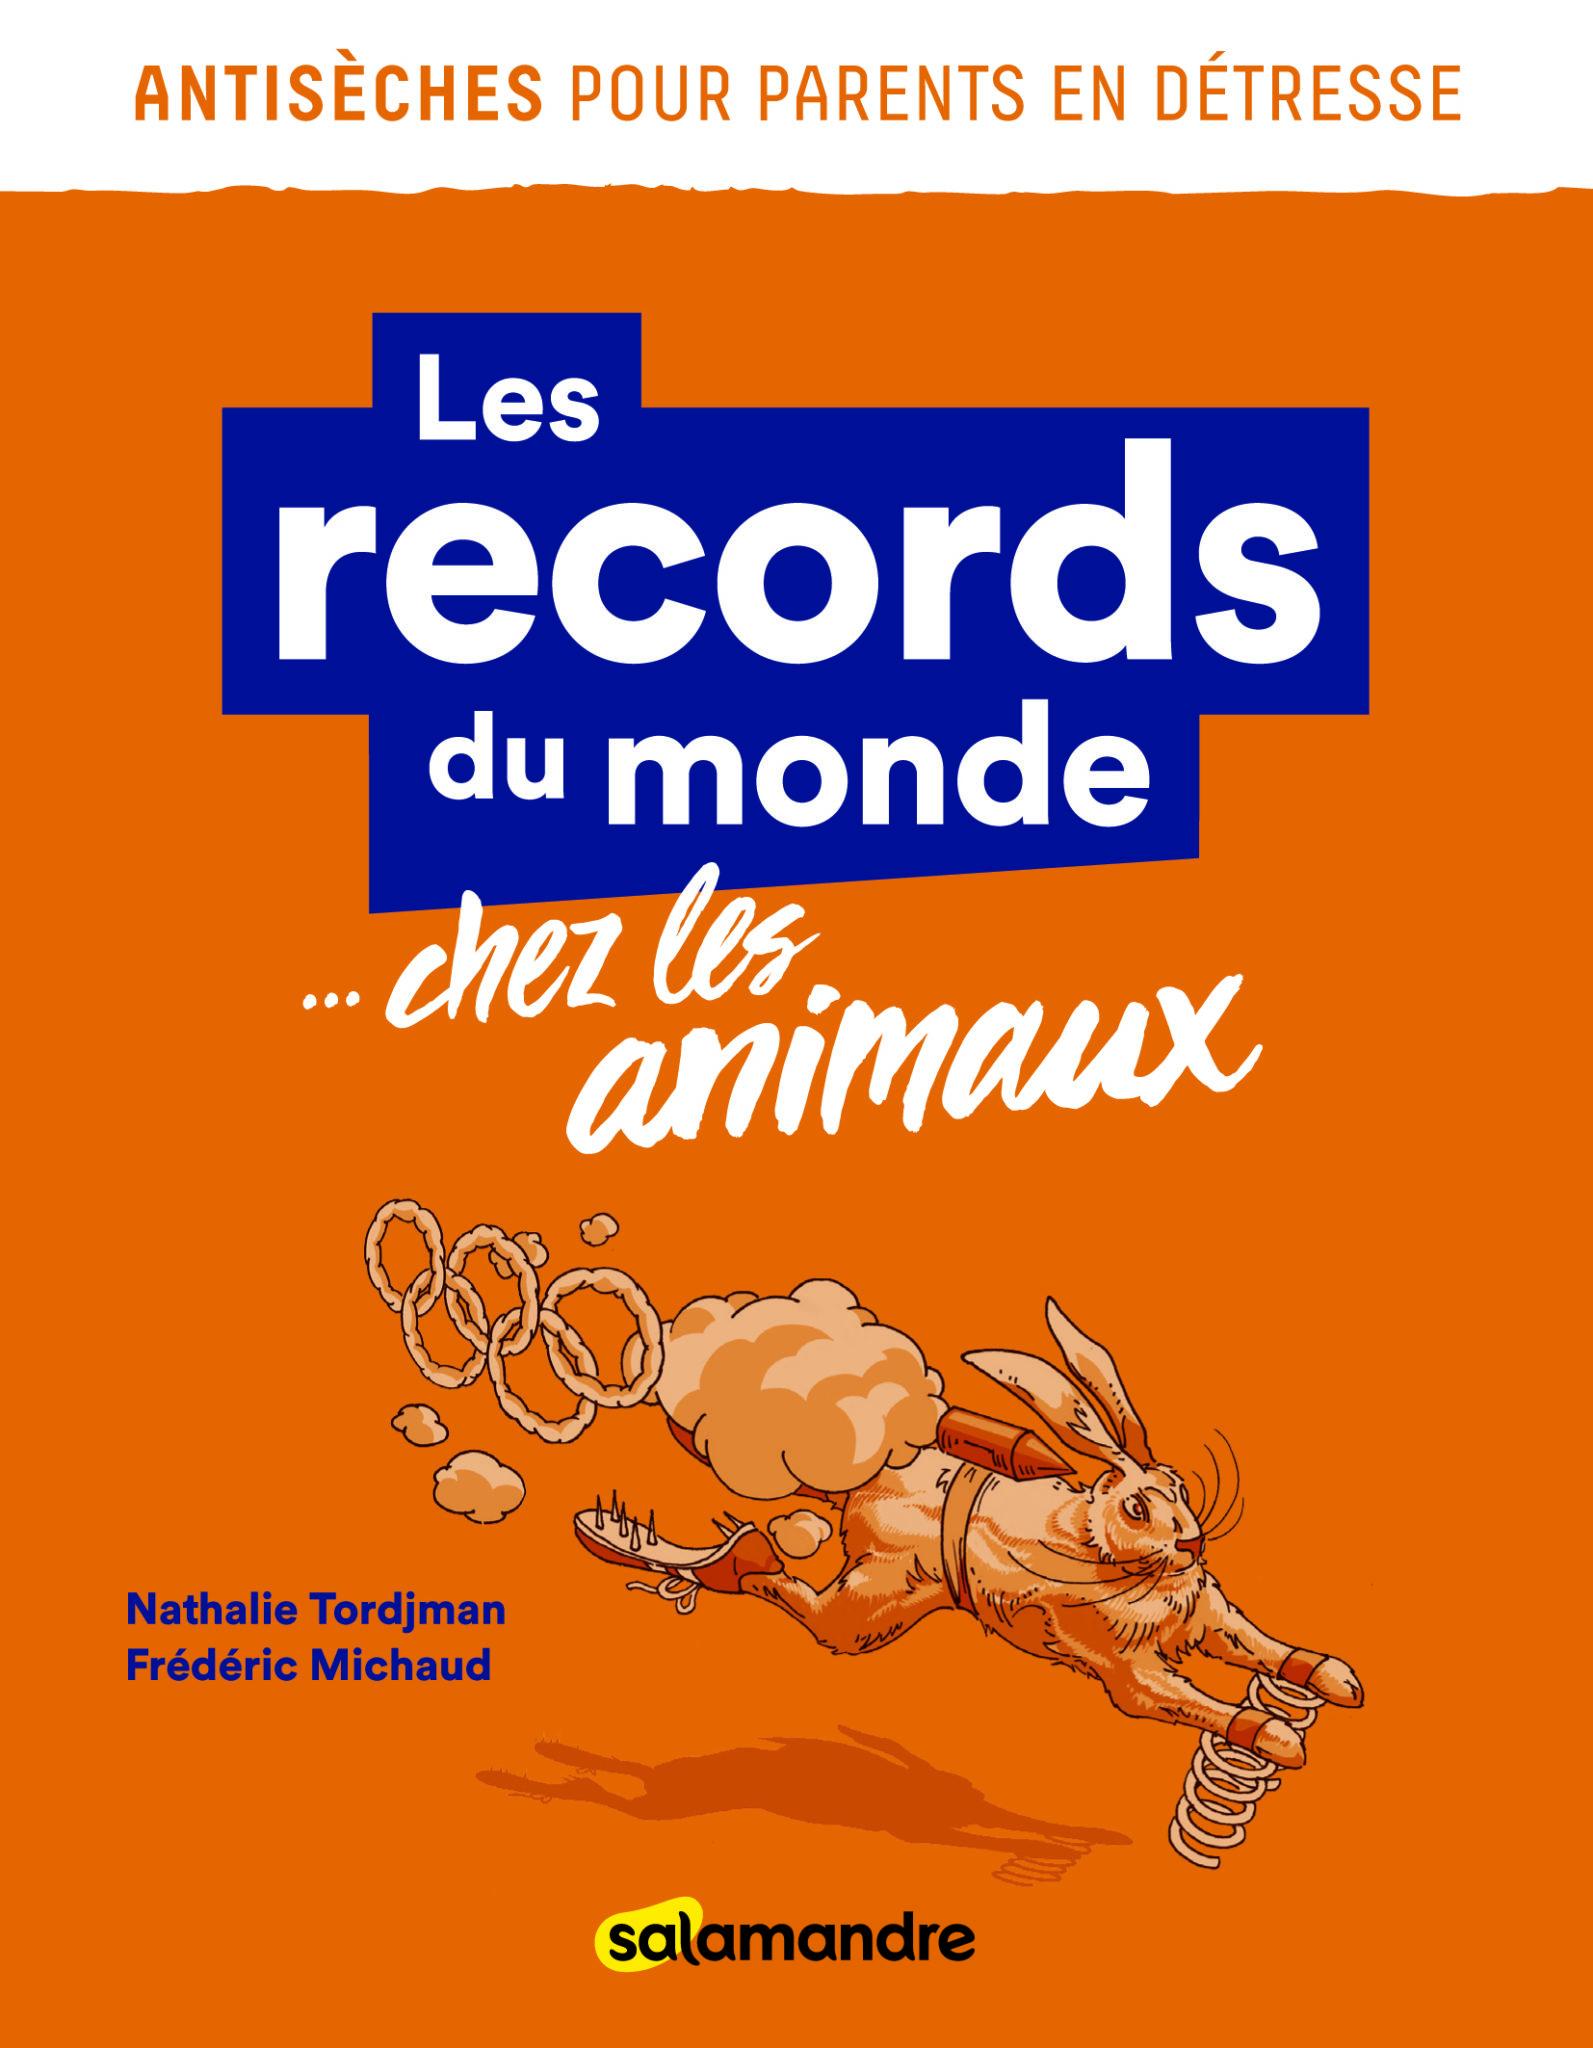 Les records du monde....chez les animaux